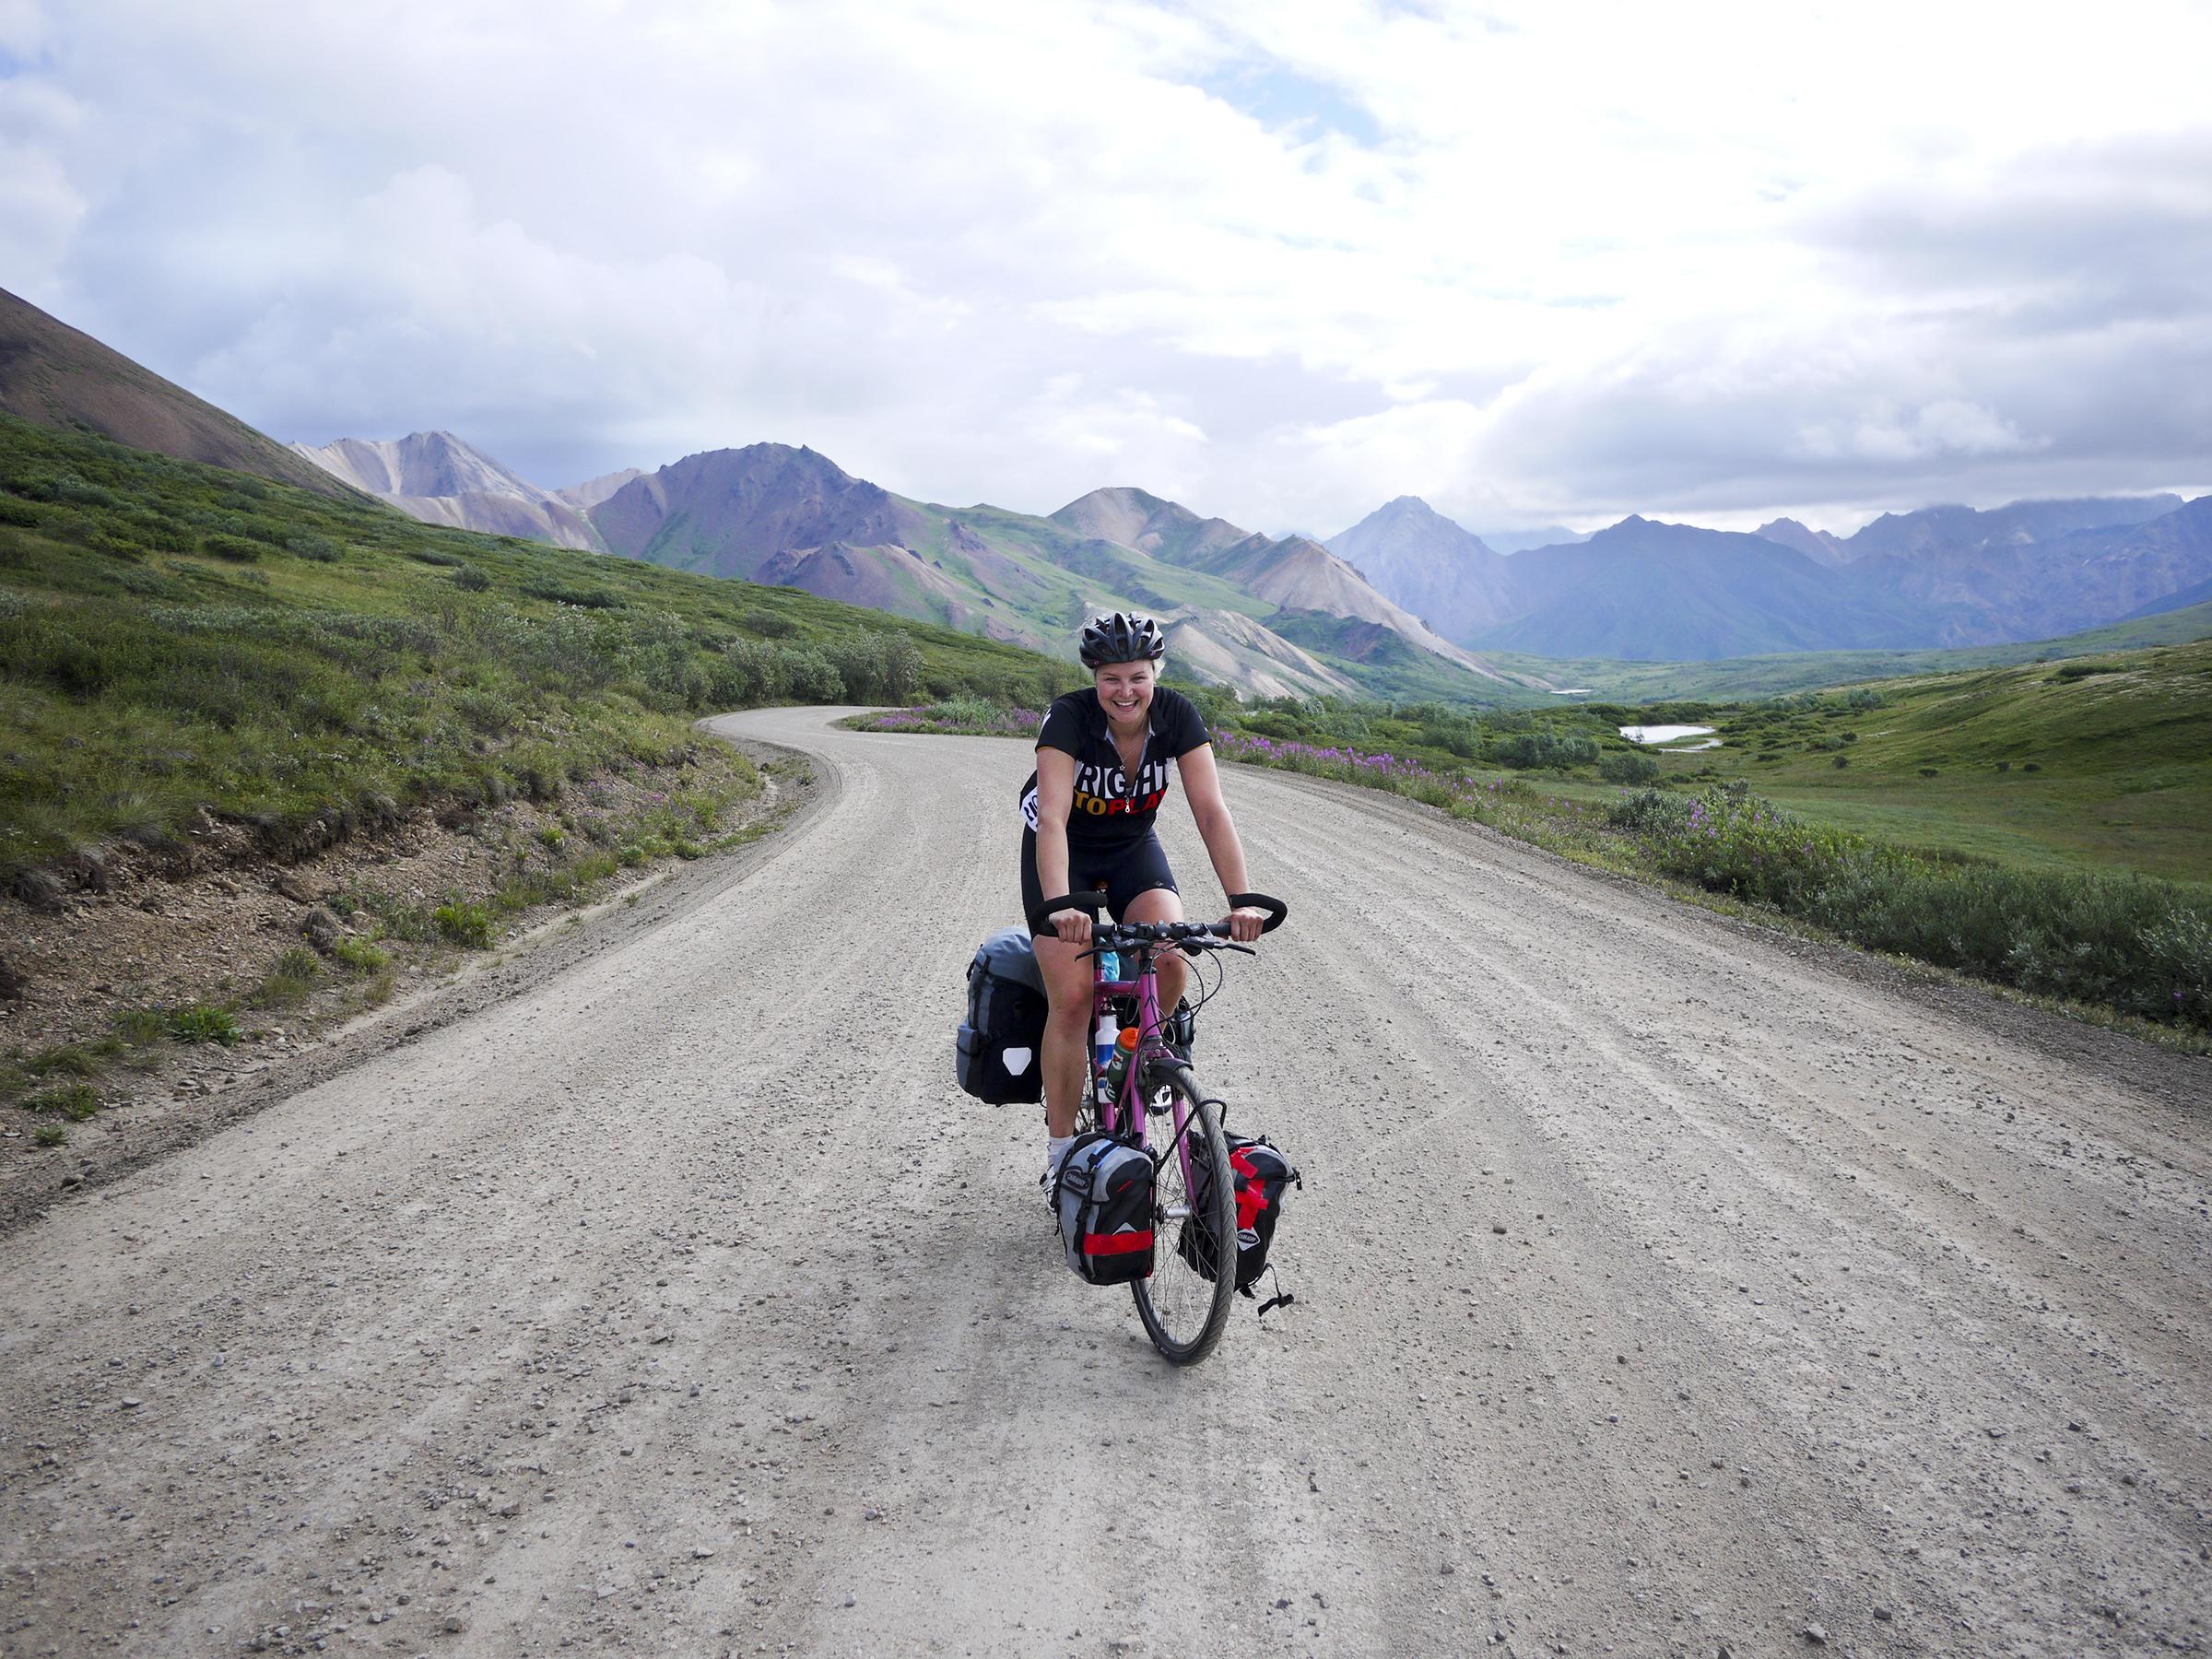 Anna McNuff adventurer cyclist